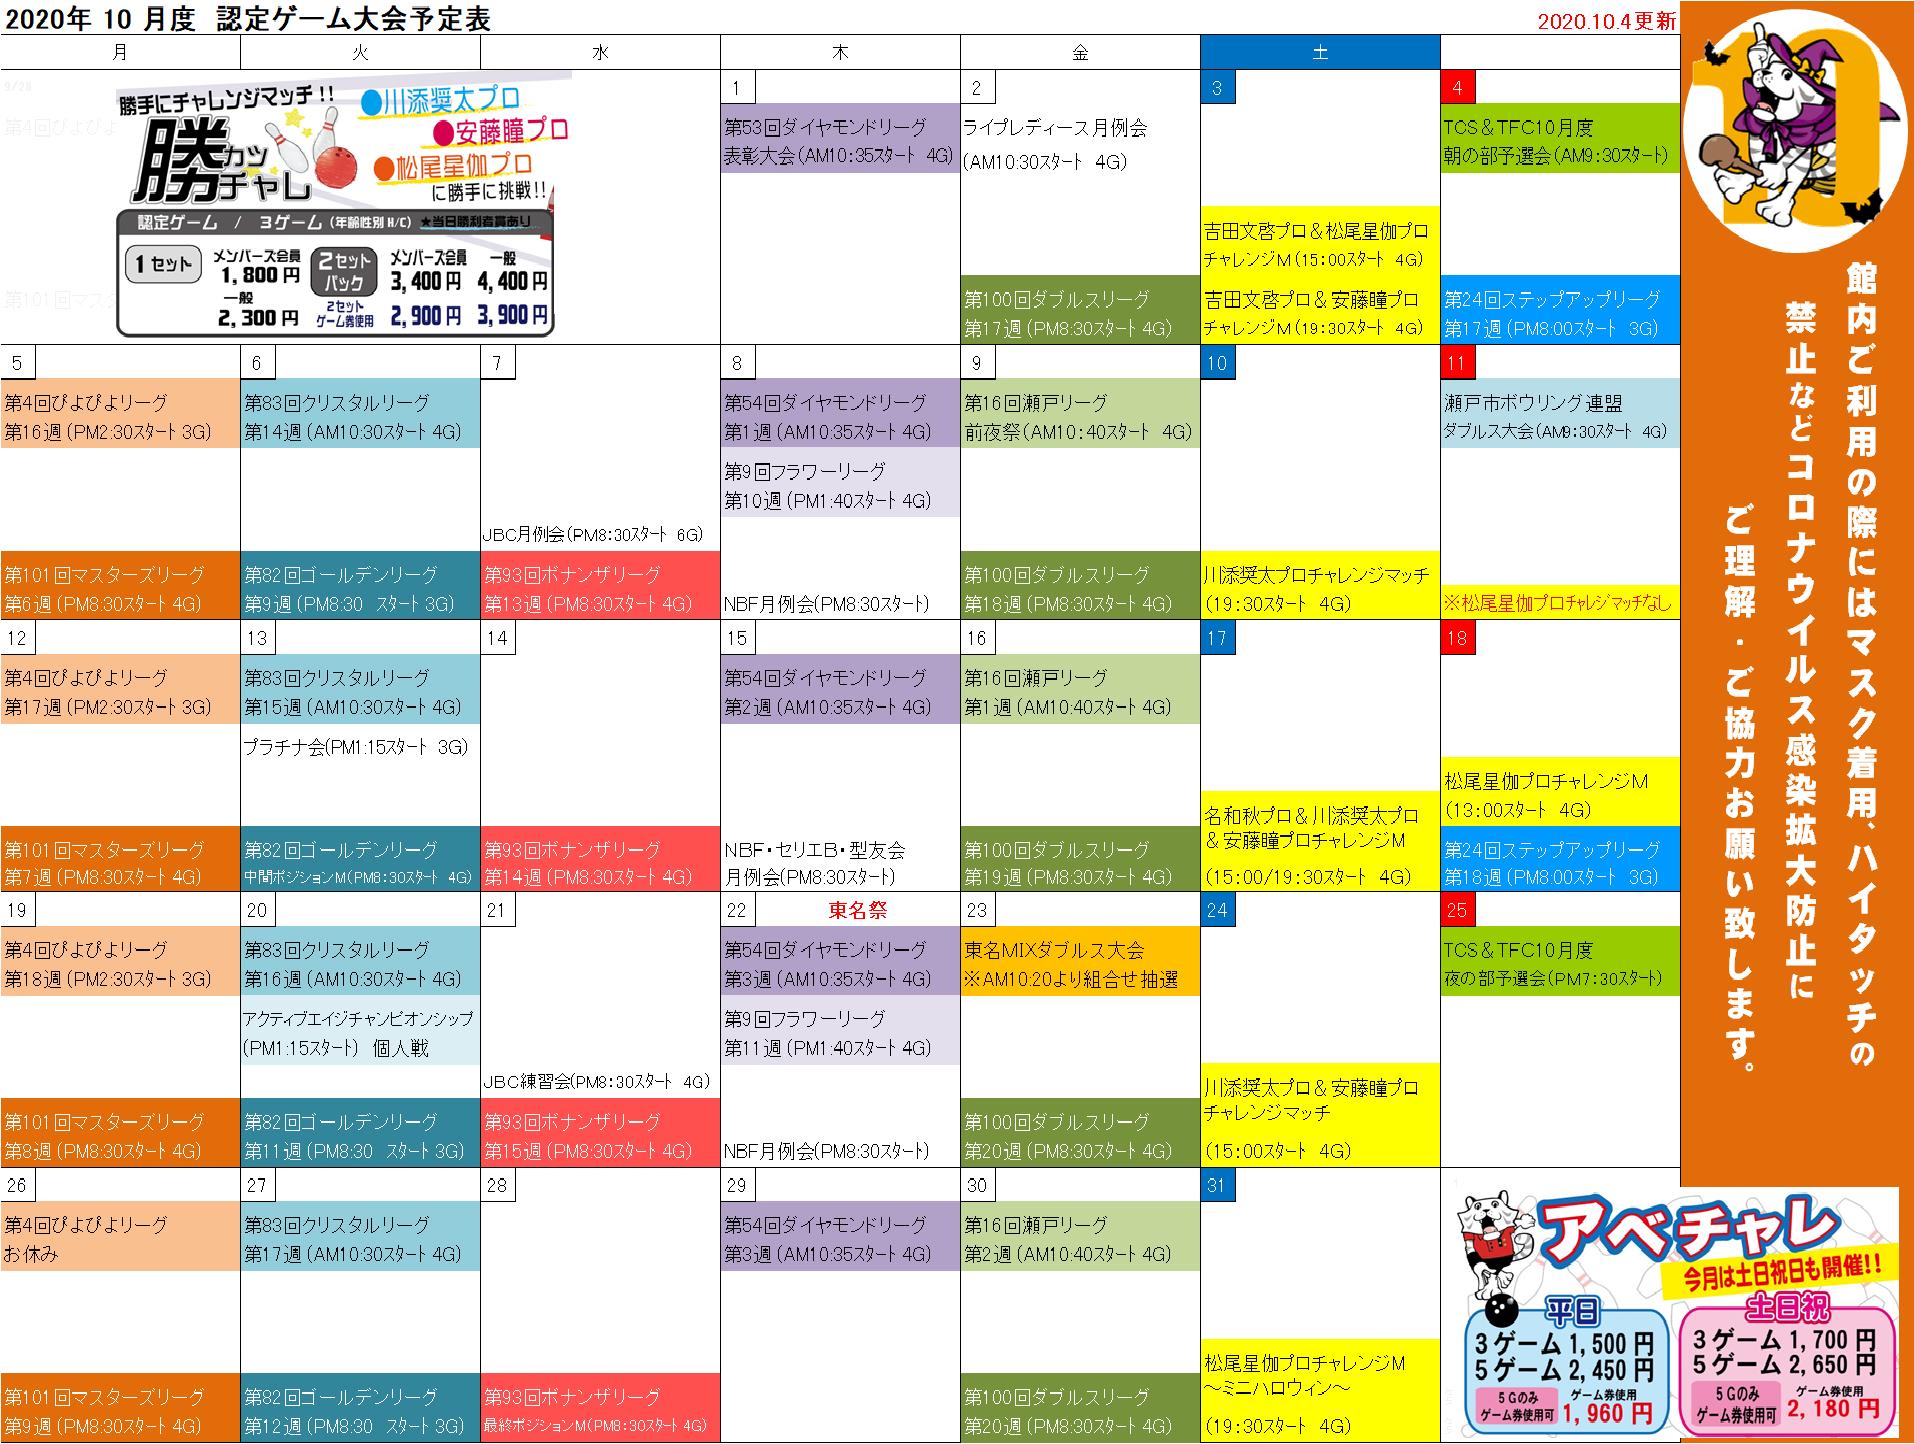 ★会員様向け★10月認定ゲーム大会予定表